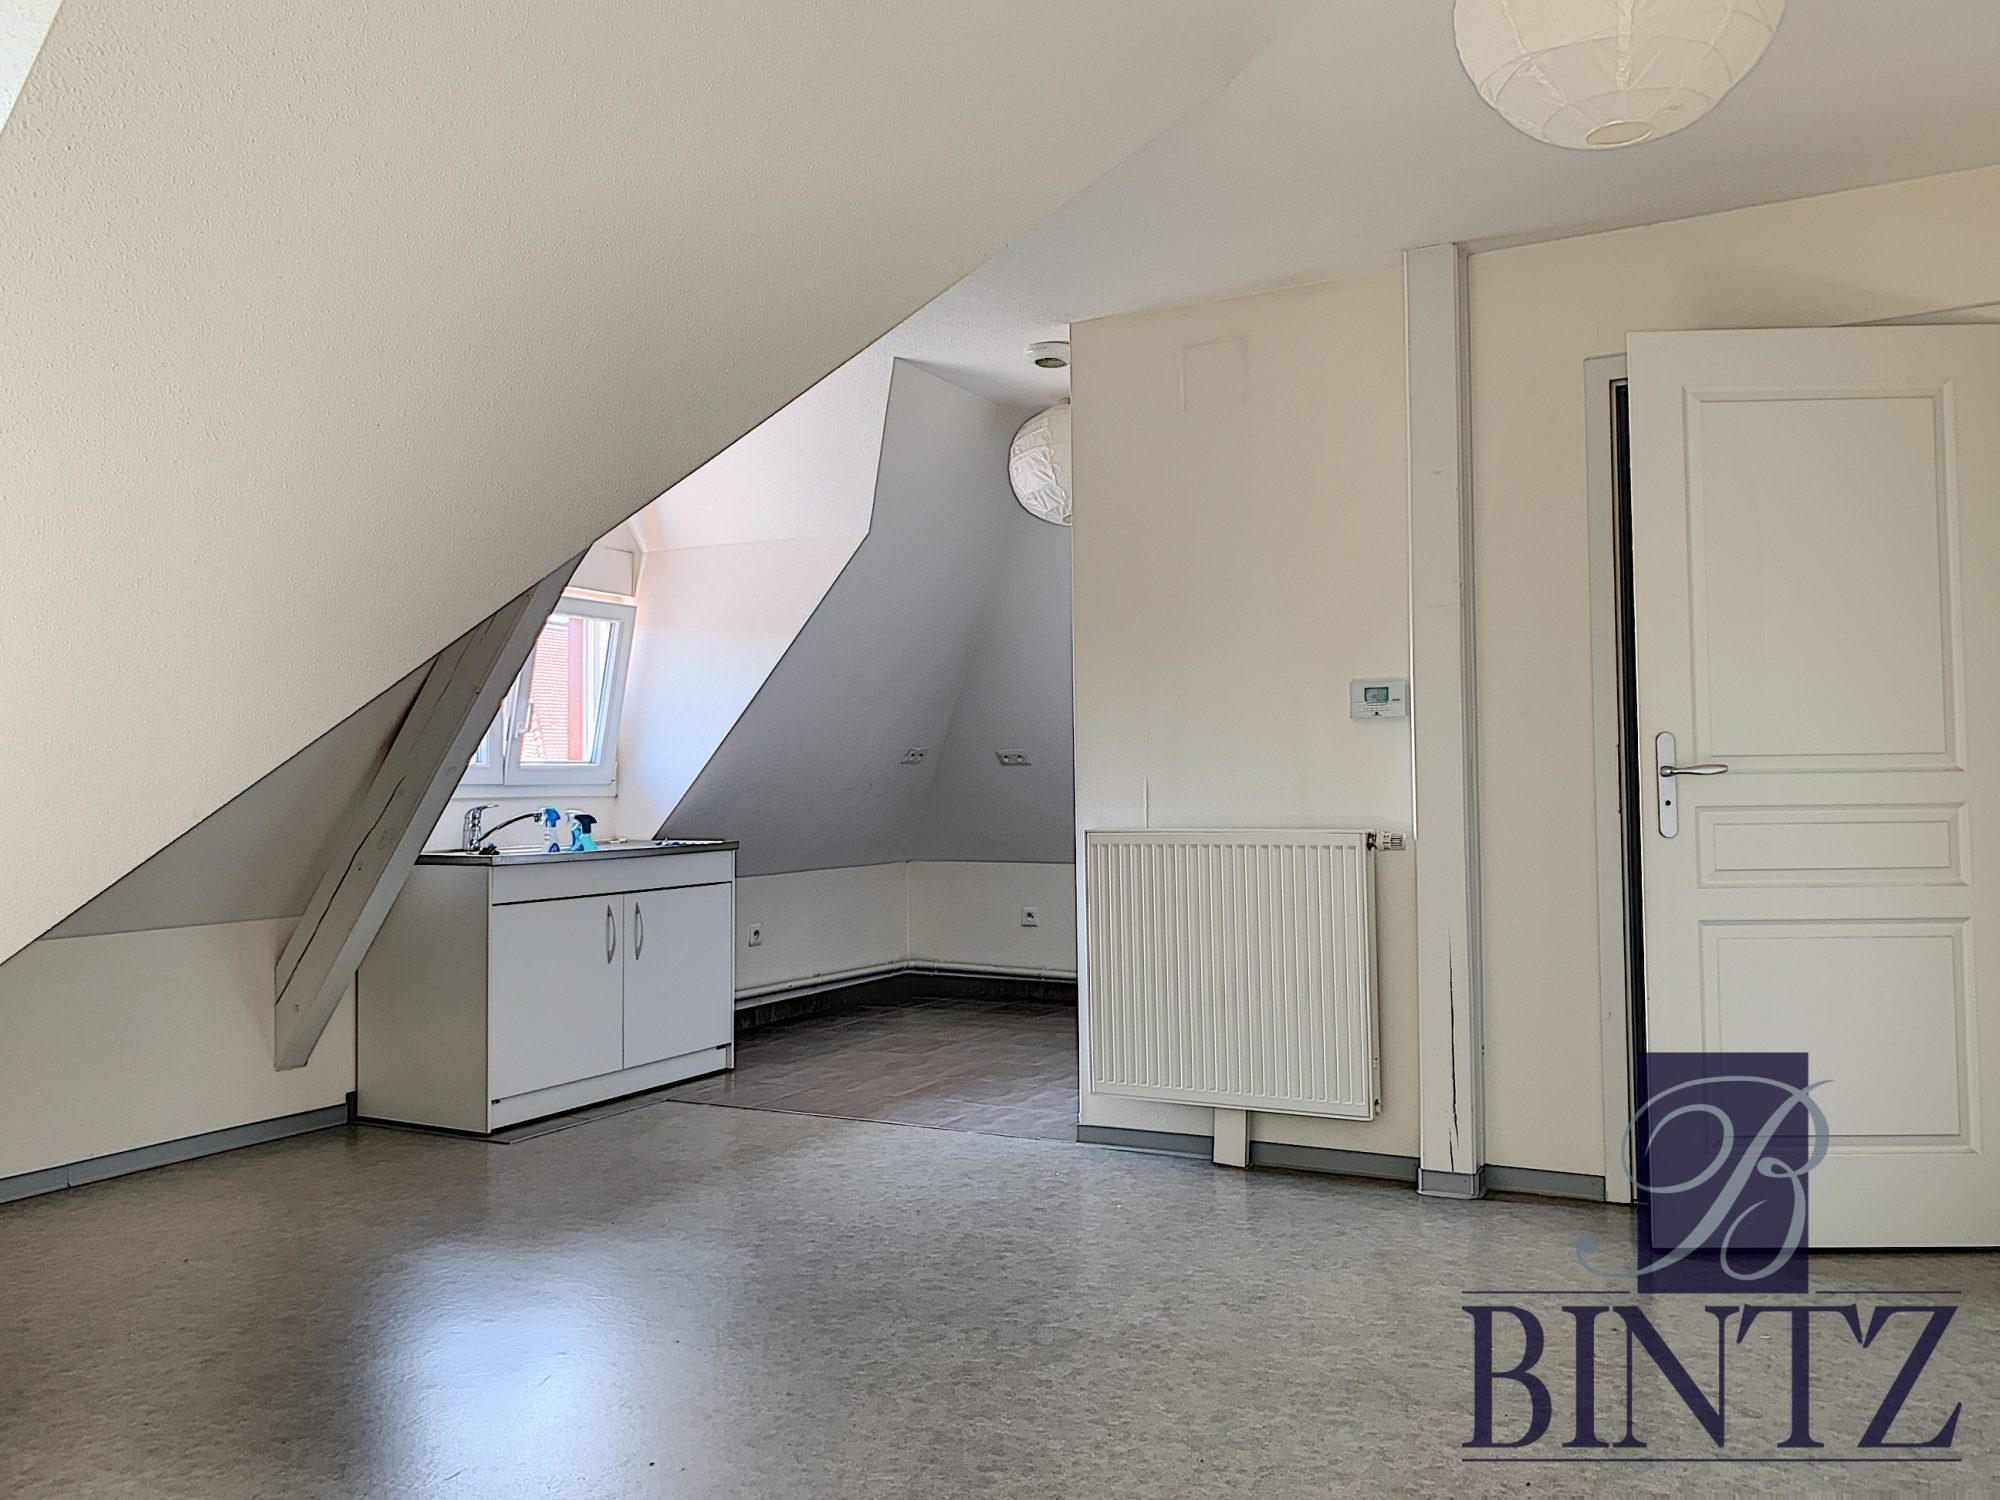 2 PIÈCES AVEC PARKING SCHILTIGHEIM - Devenez locataire en toute sérénité - Bintz Immobilier - 7